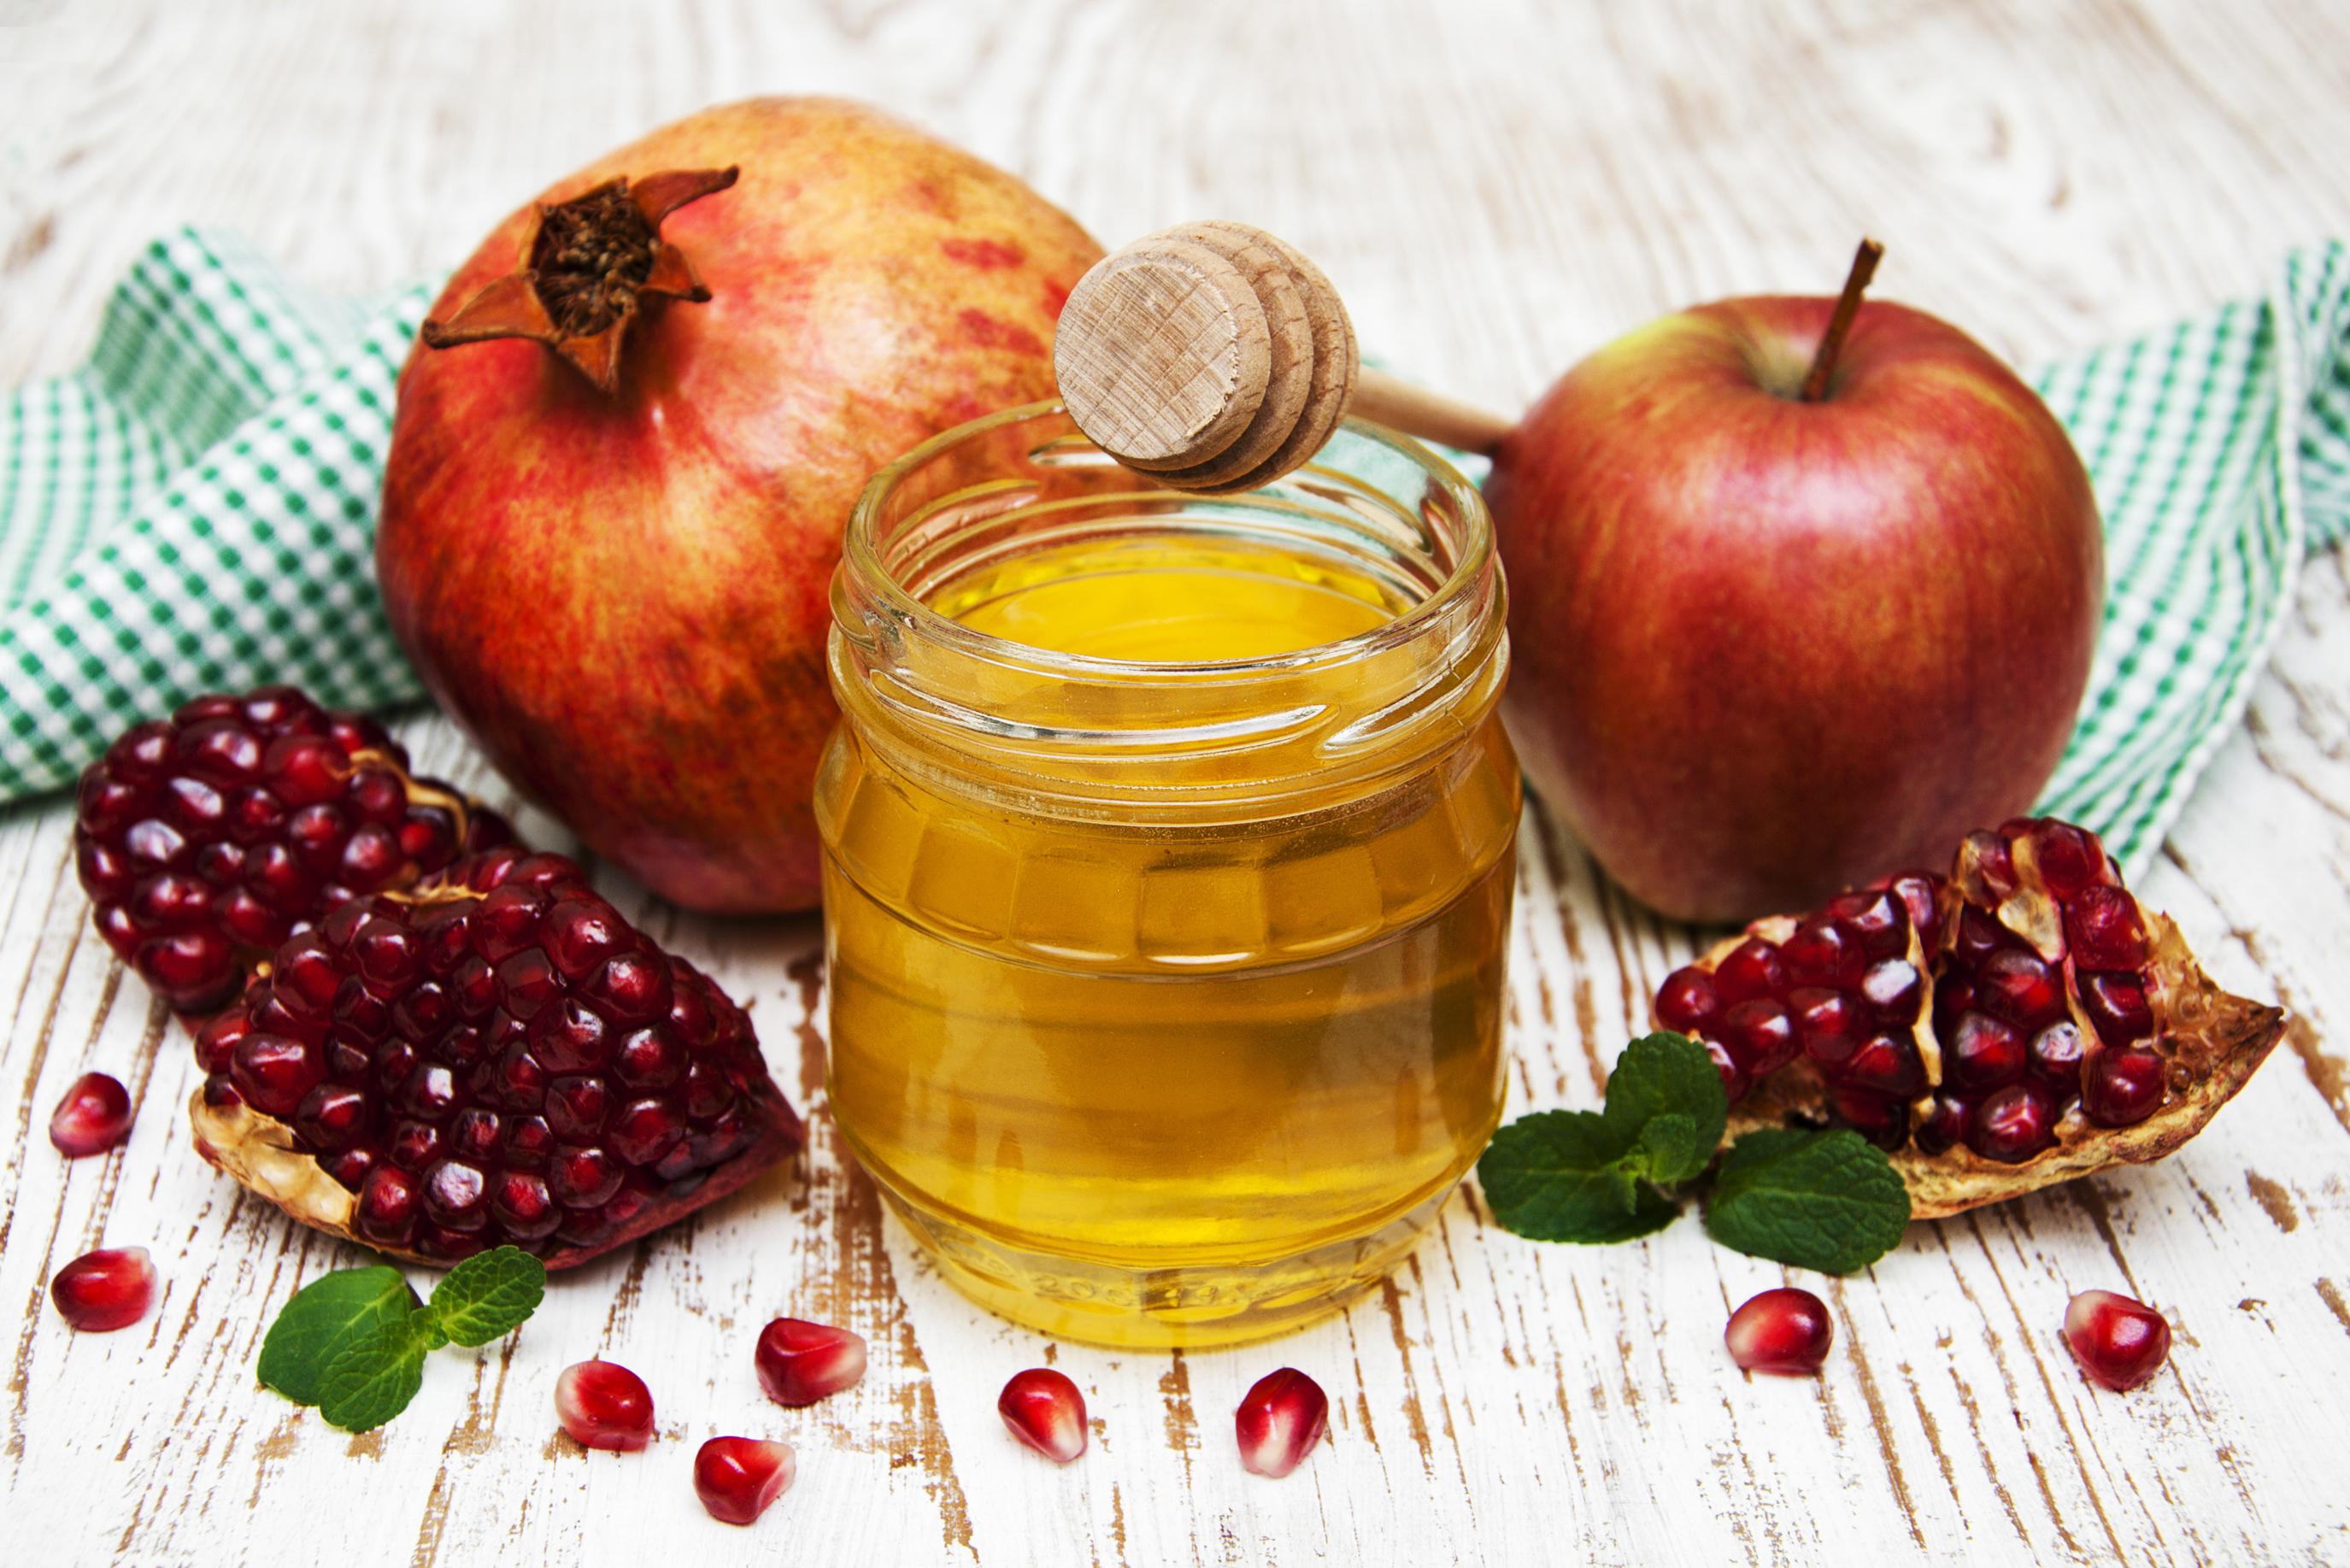 Fotos von Honig Äpfel Weckglas Getreide Granatapfel Lebensmittel Bretter 2750x1835 Einweckglas das Essen